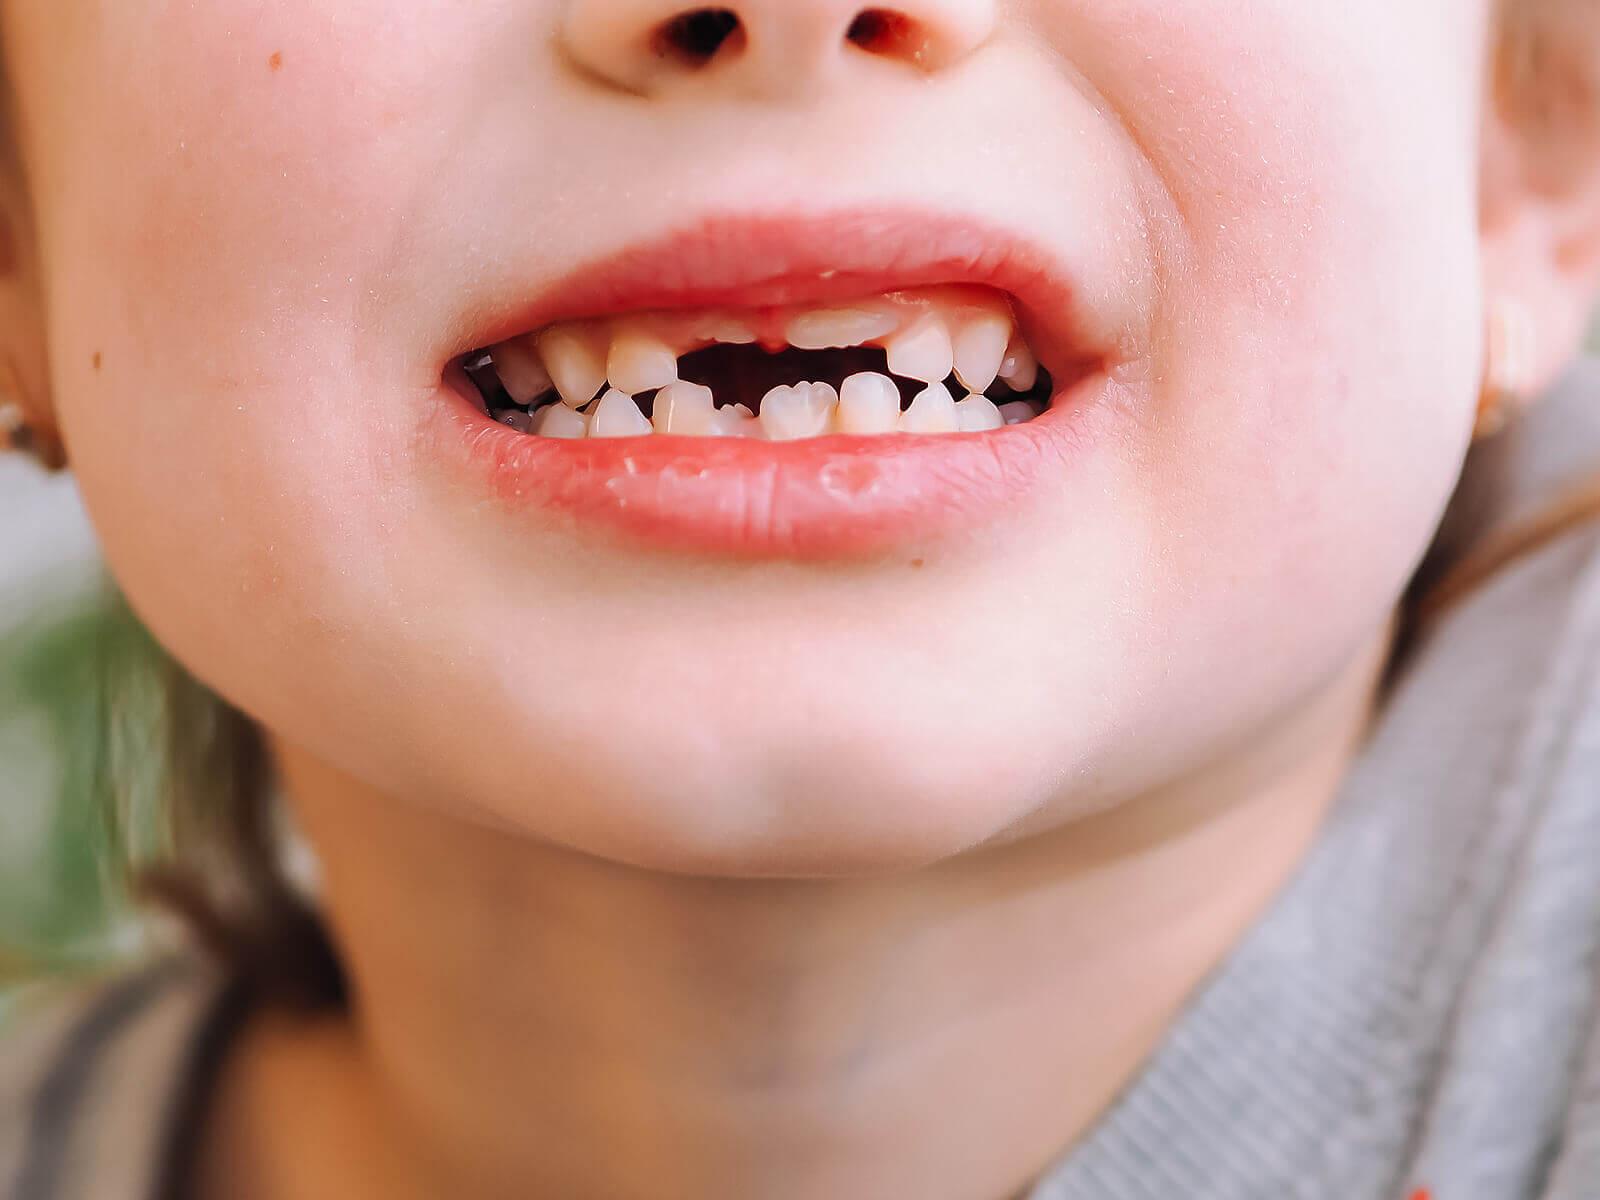 Traumatismos em dentes de leite: o que fazer?